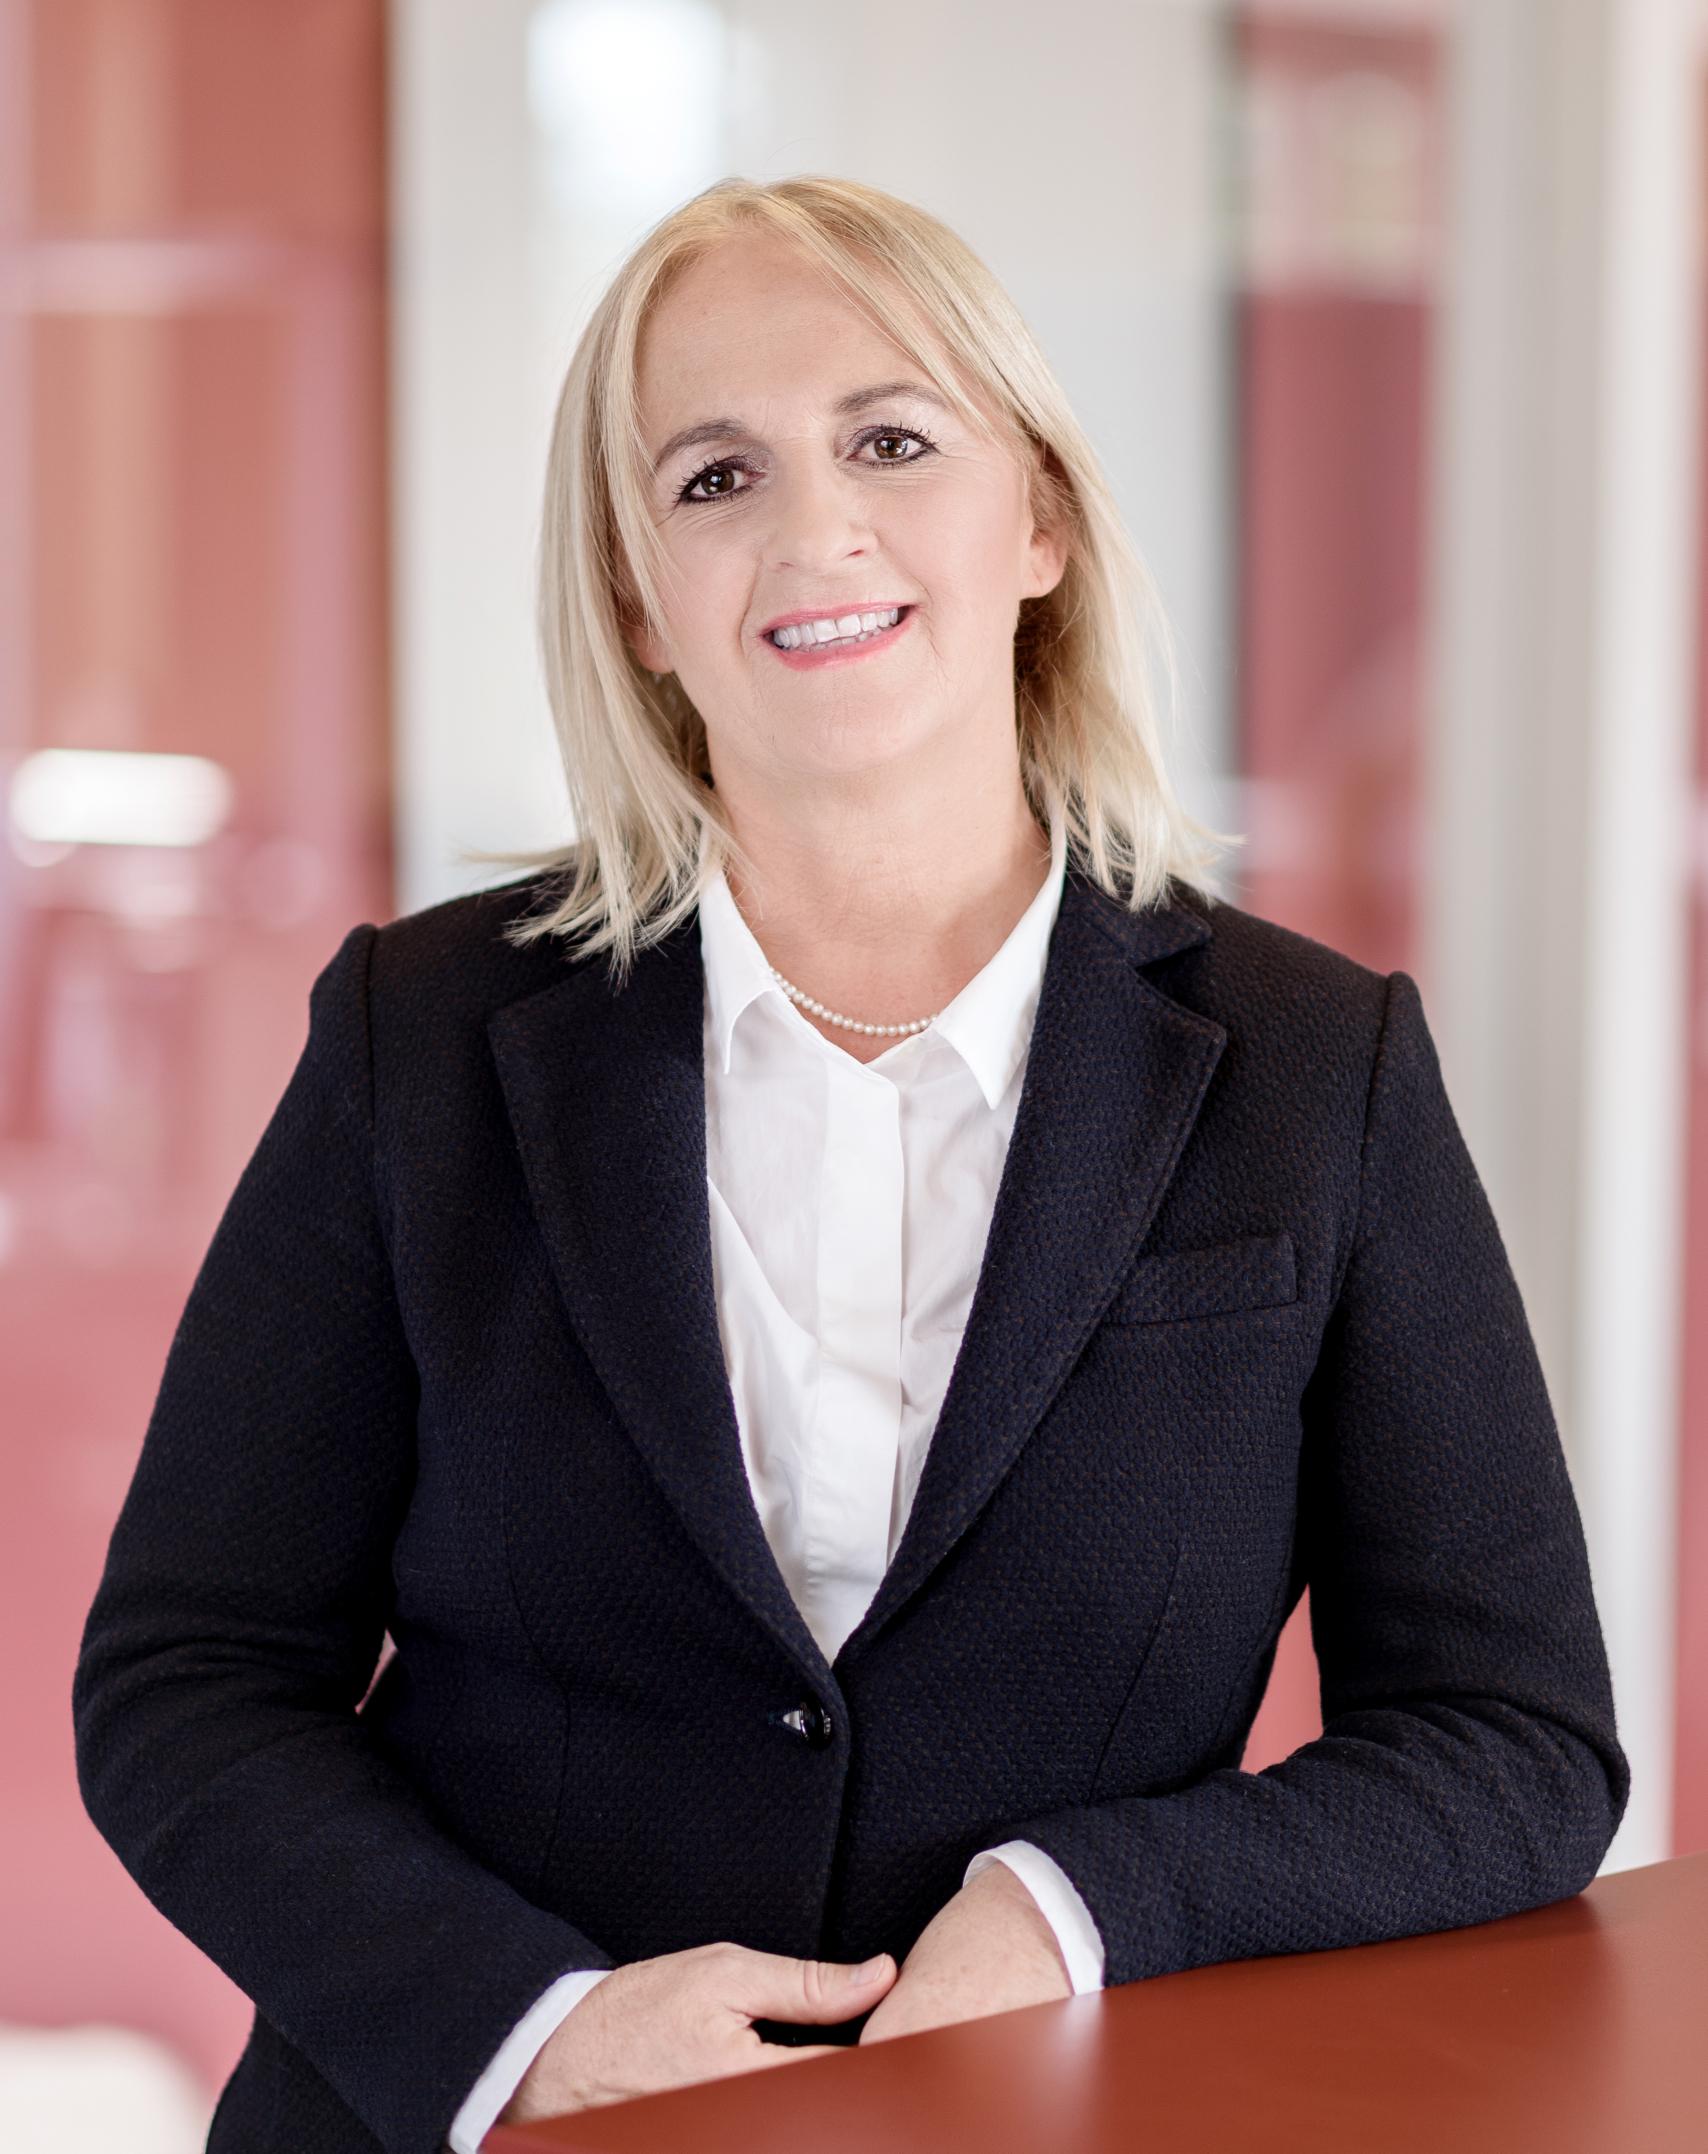 Christa Gartner